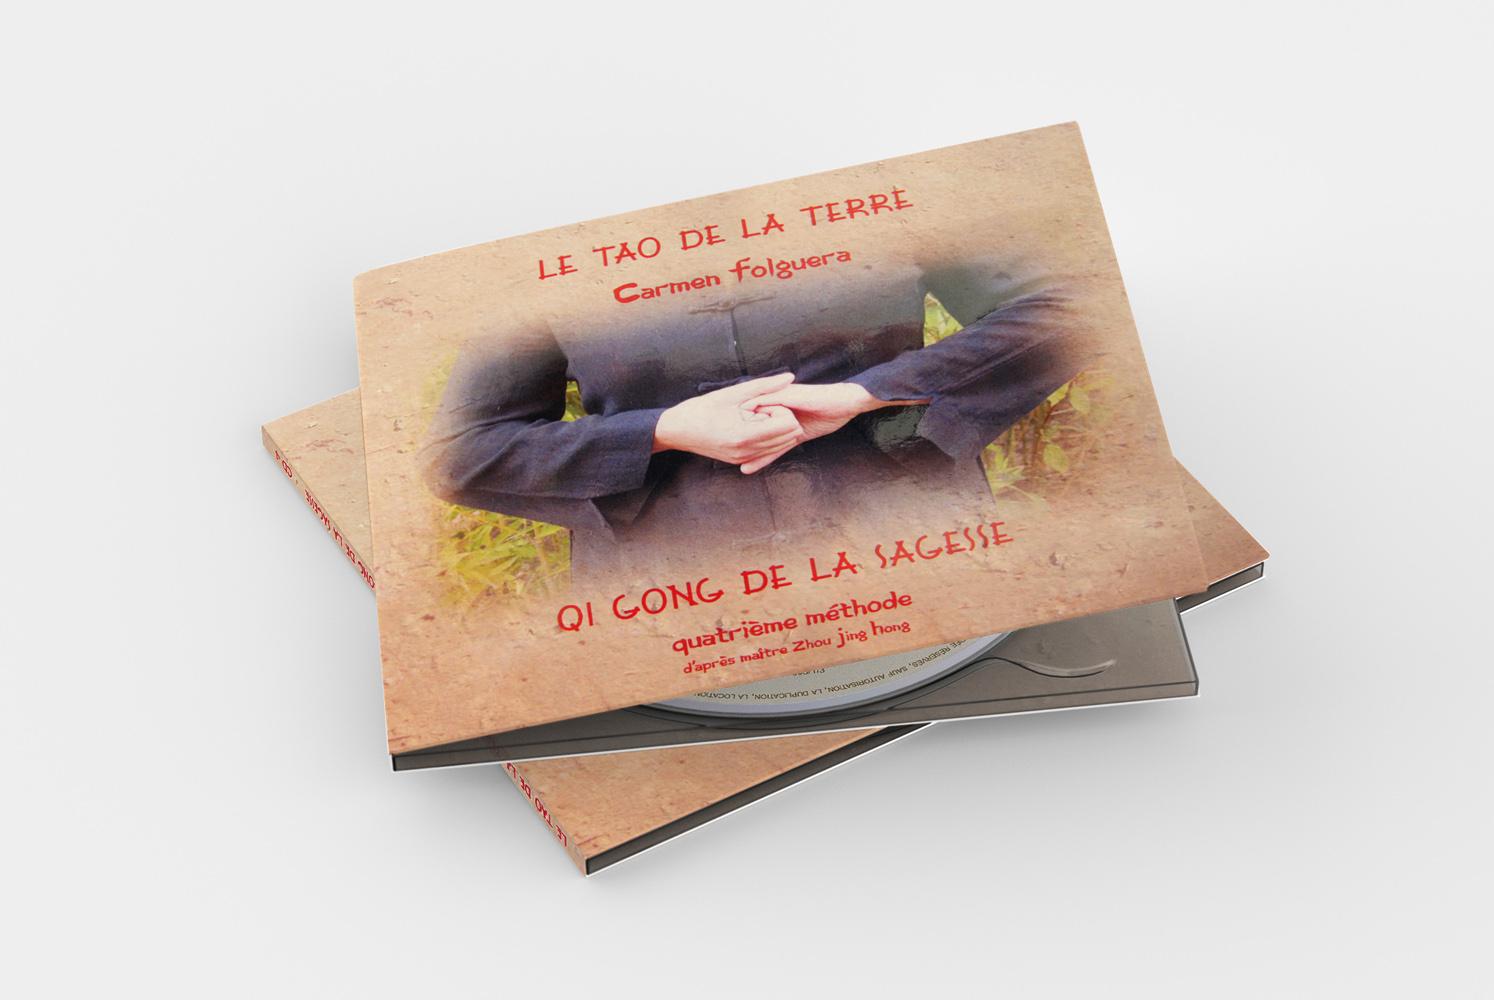 CD Carmen Folguera - Qi Gong de la Sagesse - Quatrième Méthode